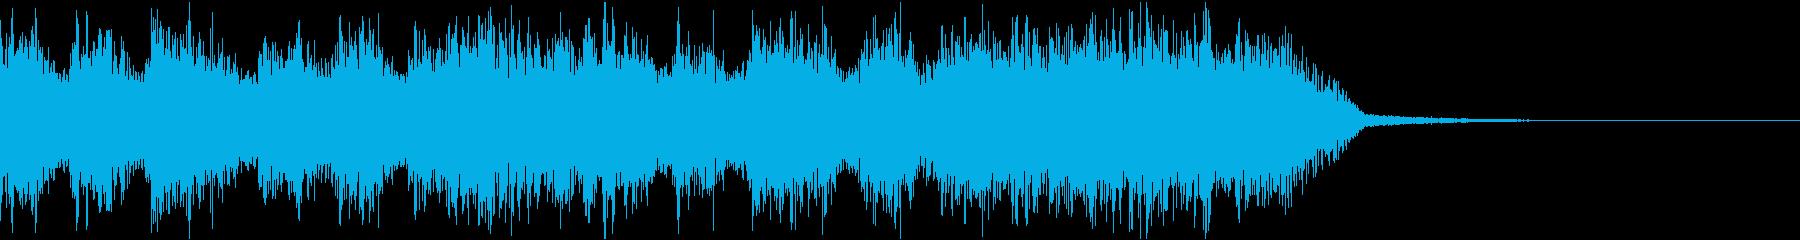 エネルギッシュ・ロックなサウンドロゴ07の再生済みの波形